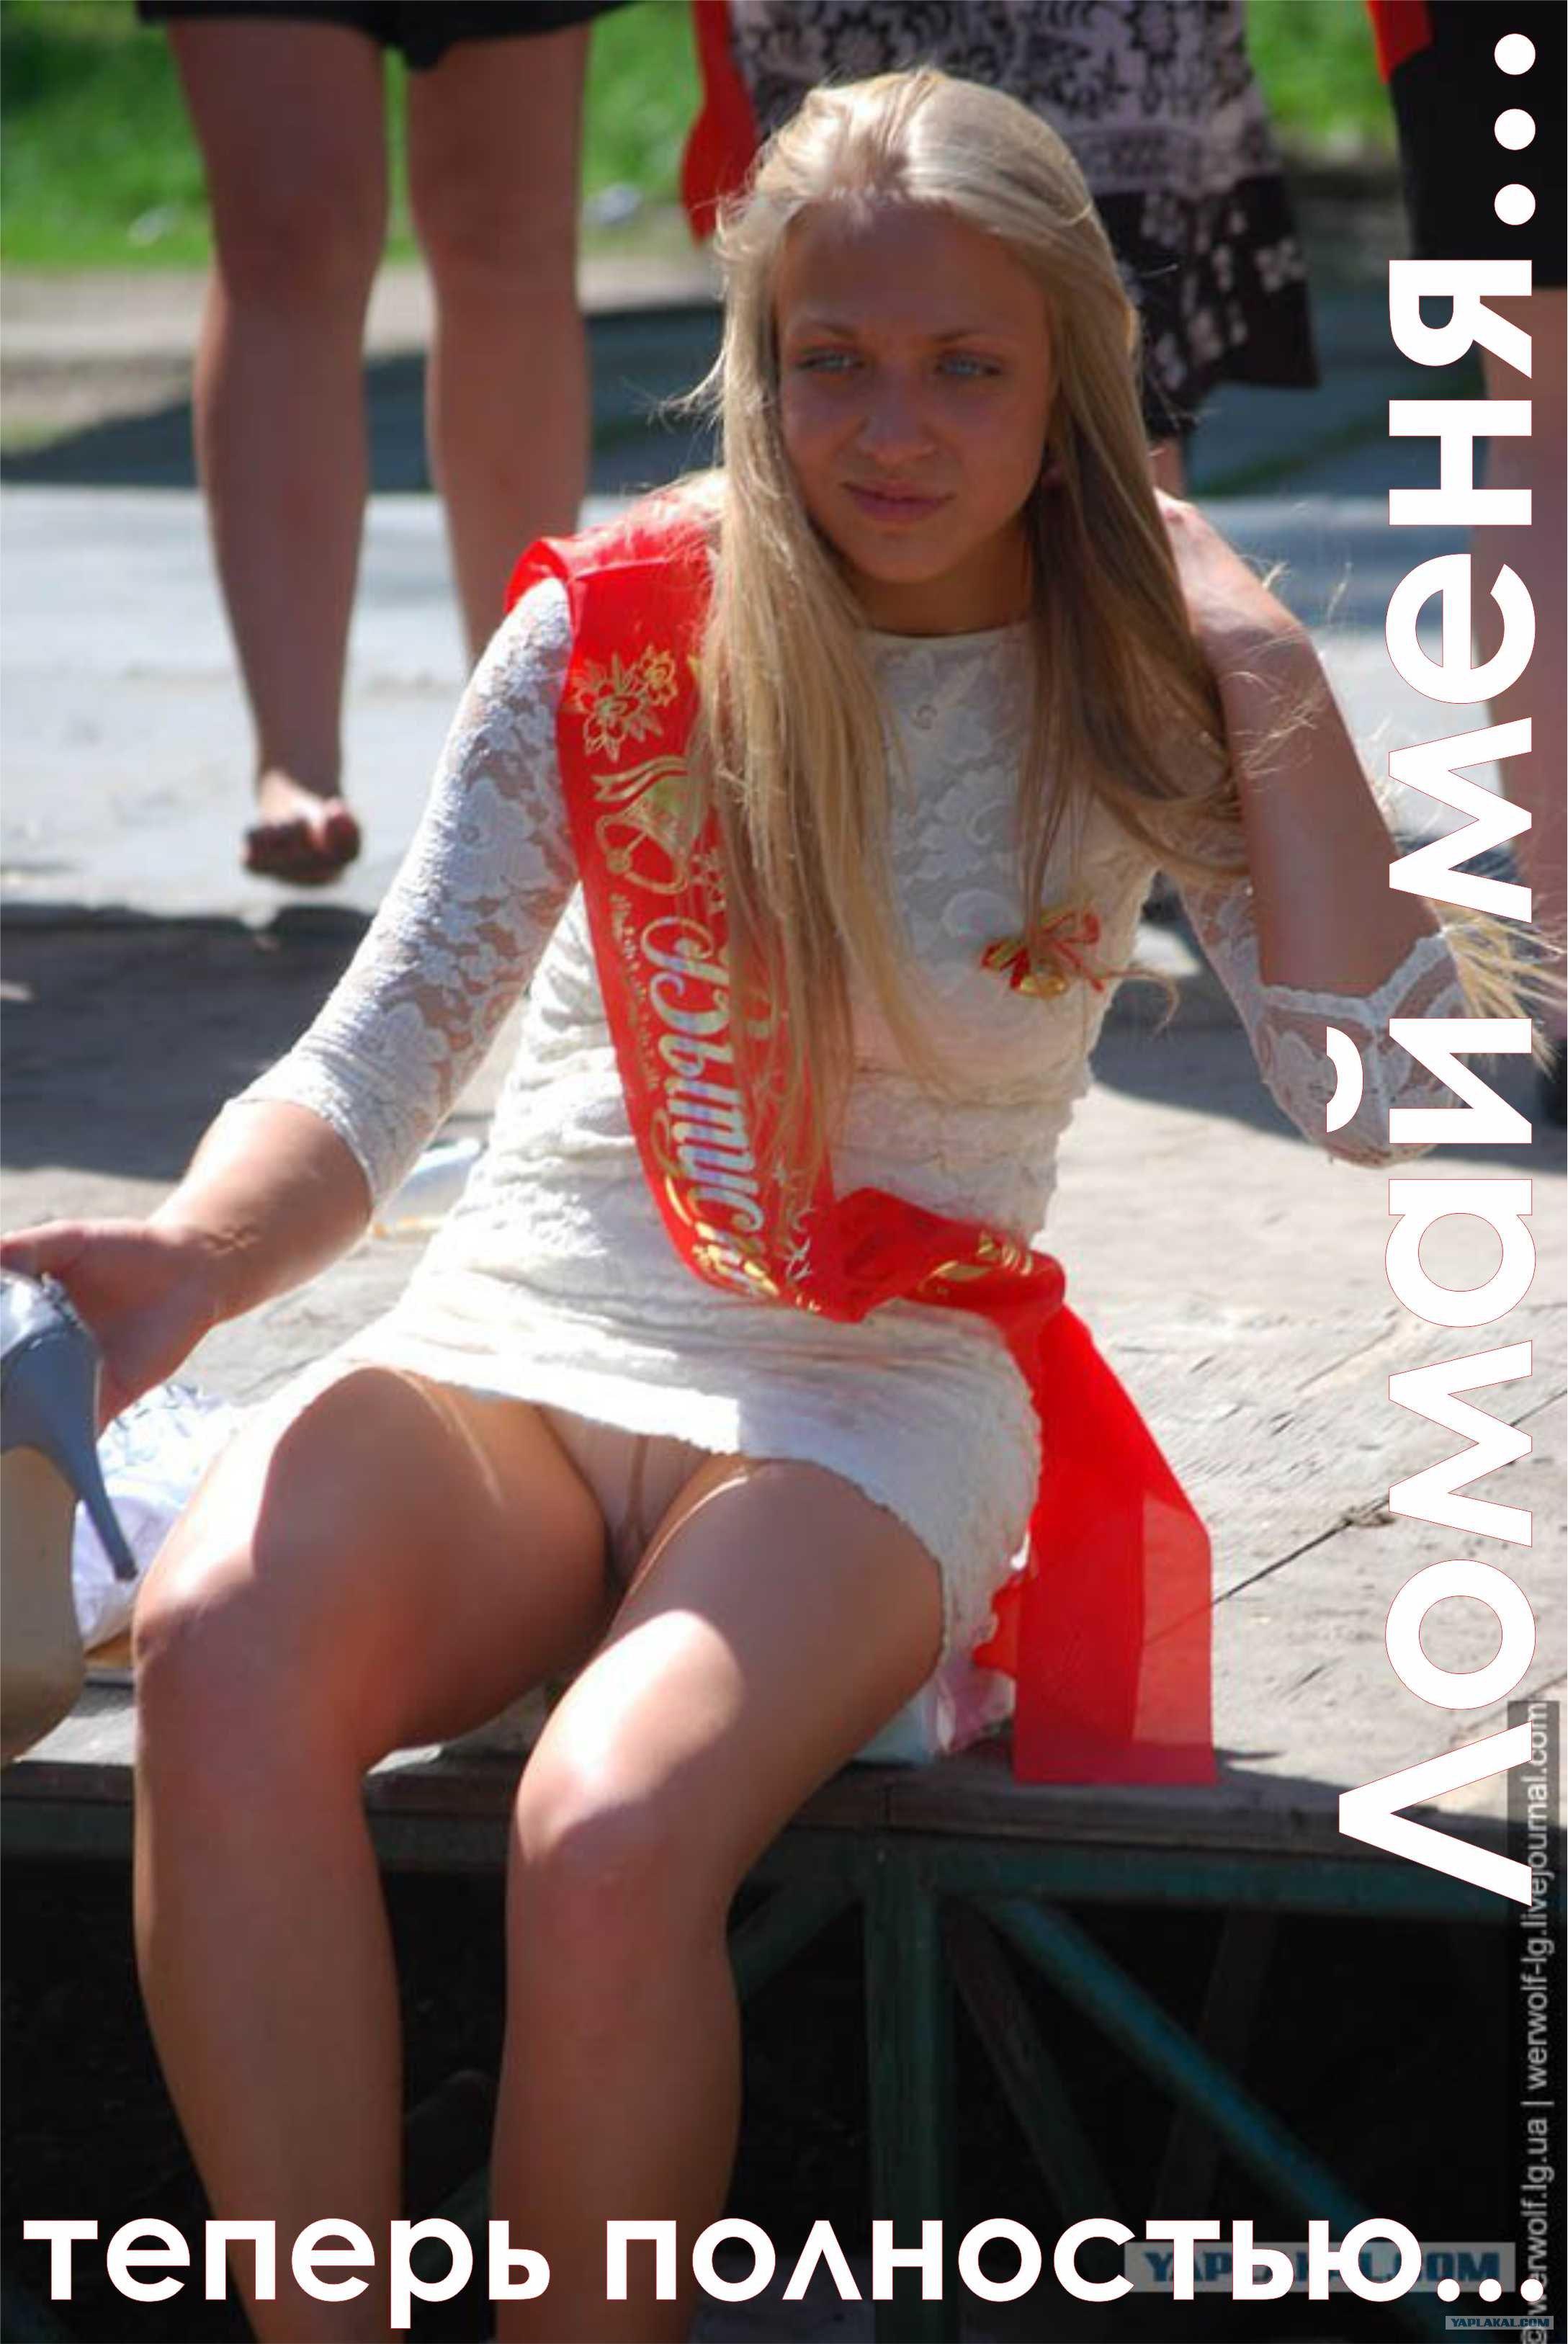 Эротическое фото женщин из луганска 30 фотография